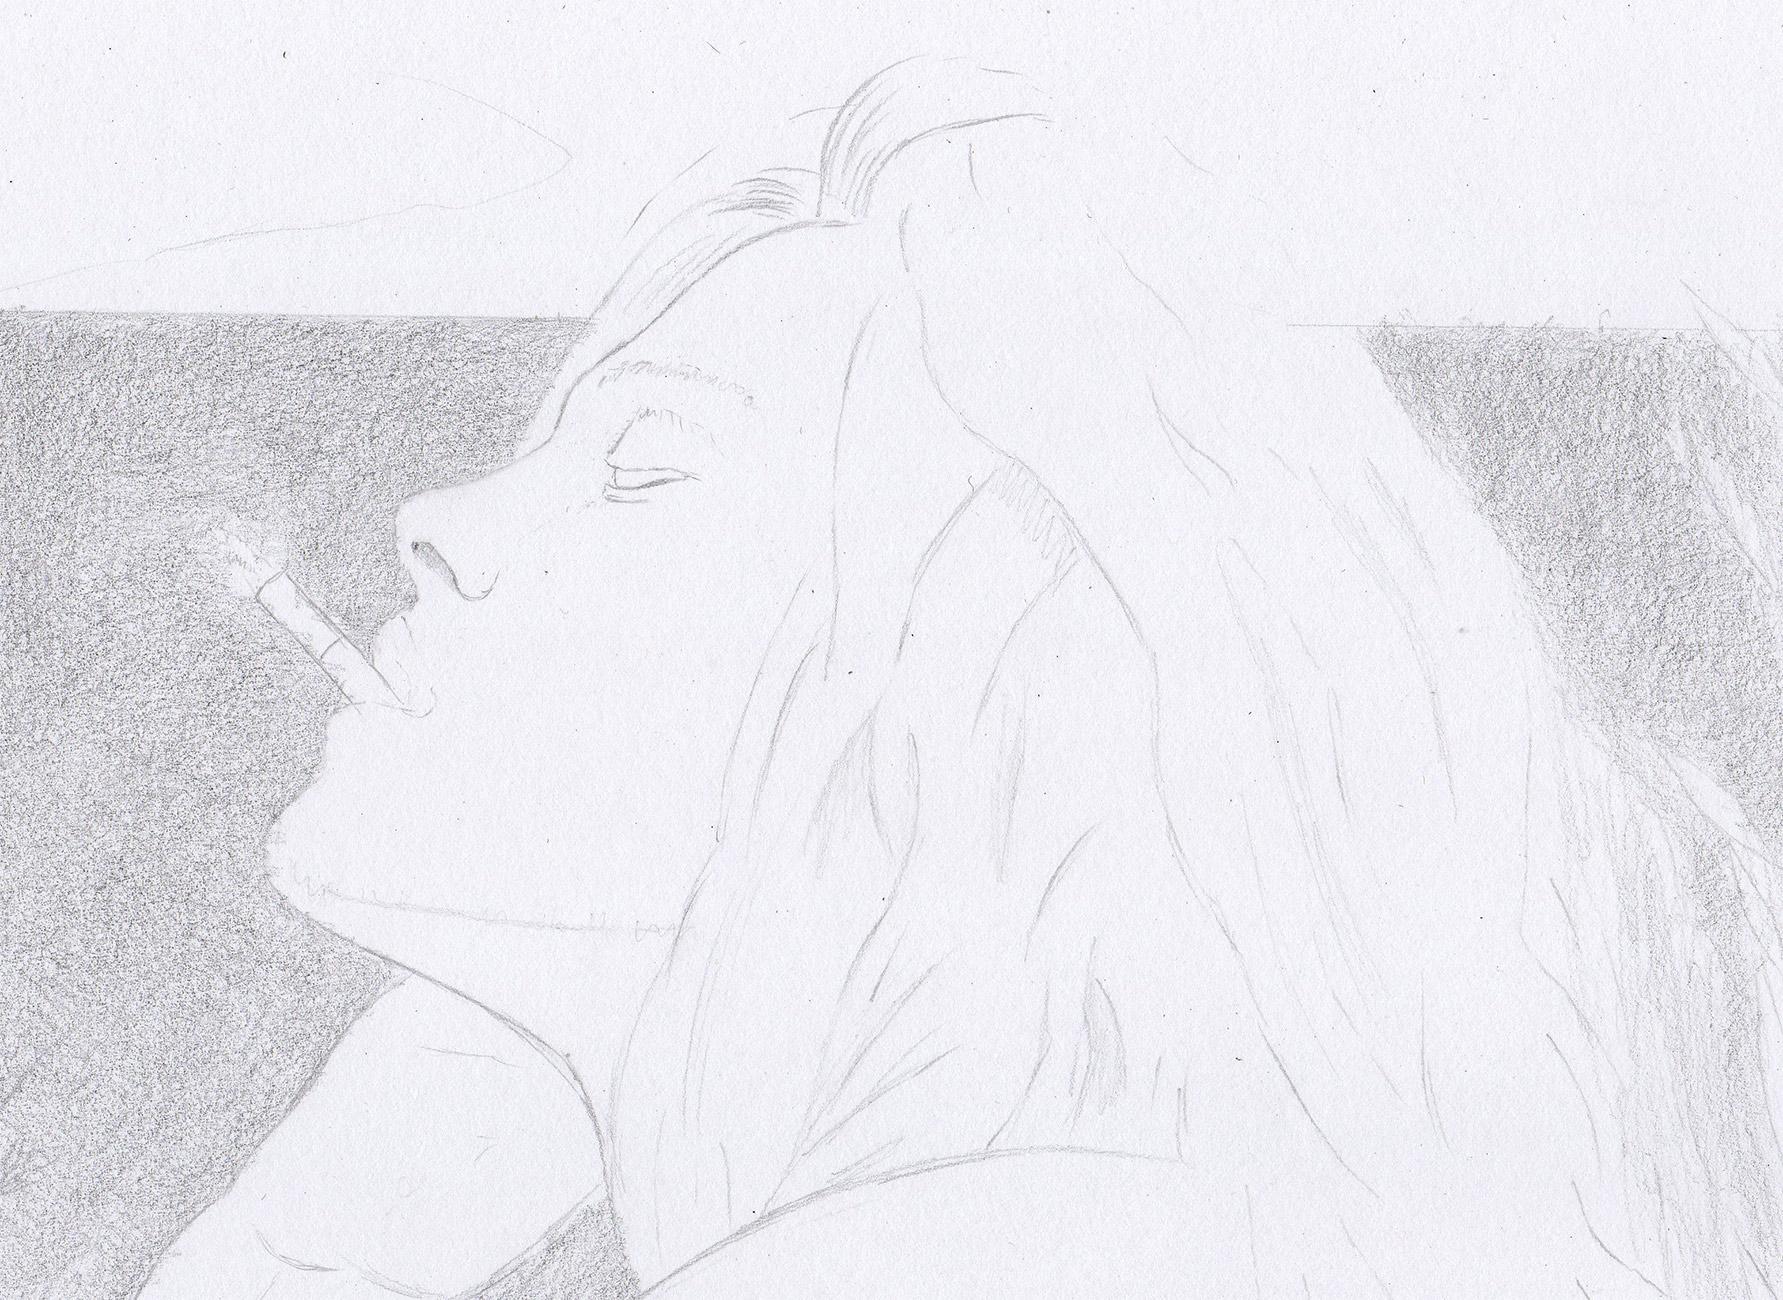 Profil Und Haare – Gesicht Von Der Seite innen Gesicht Von Der Seite Zeichnen